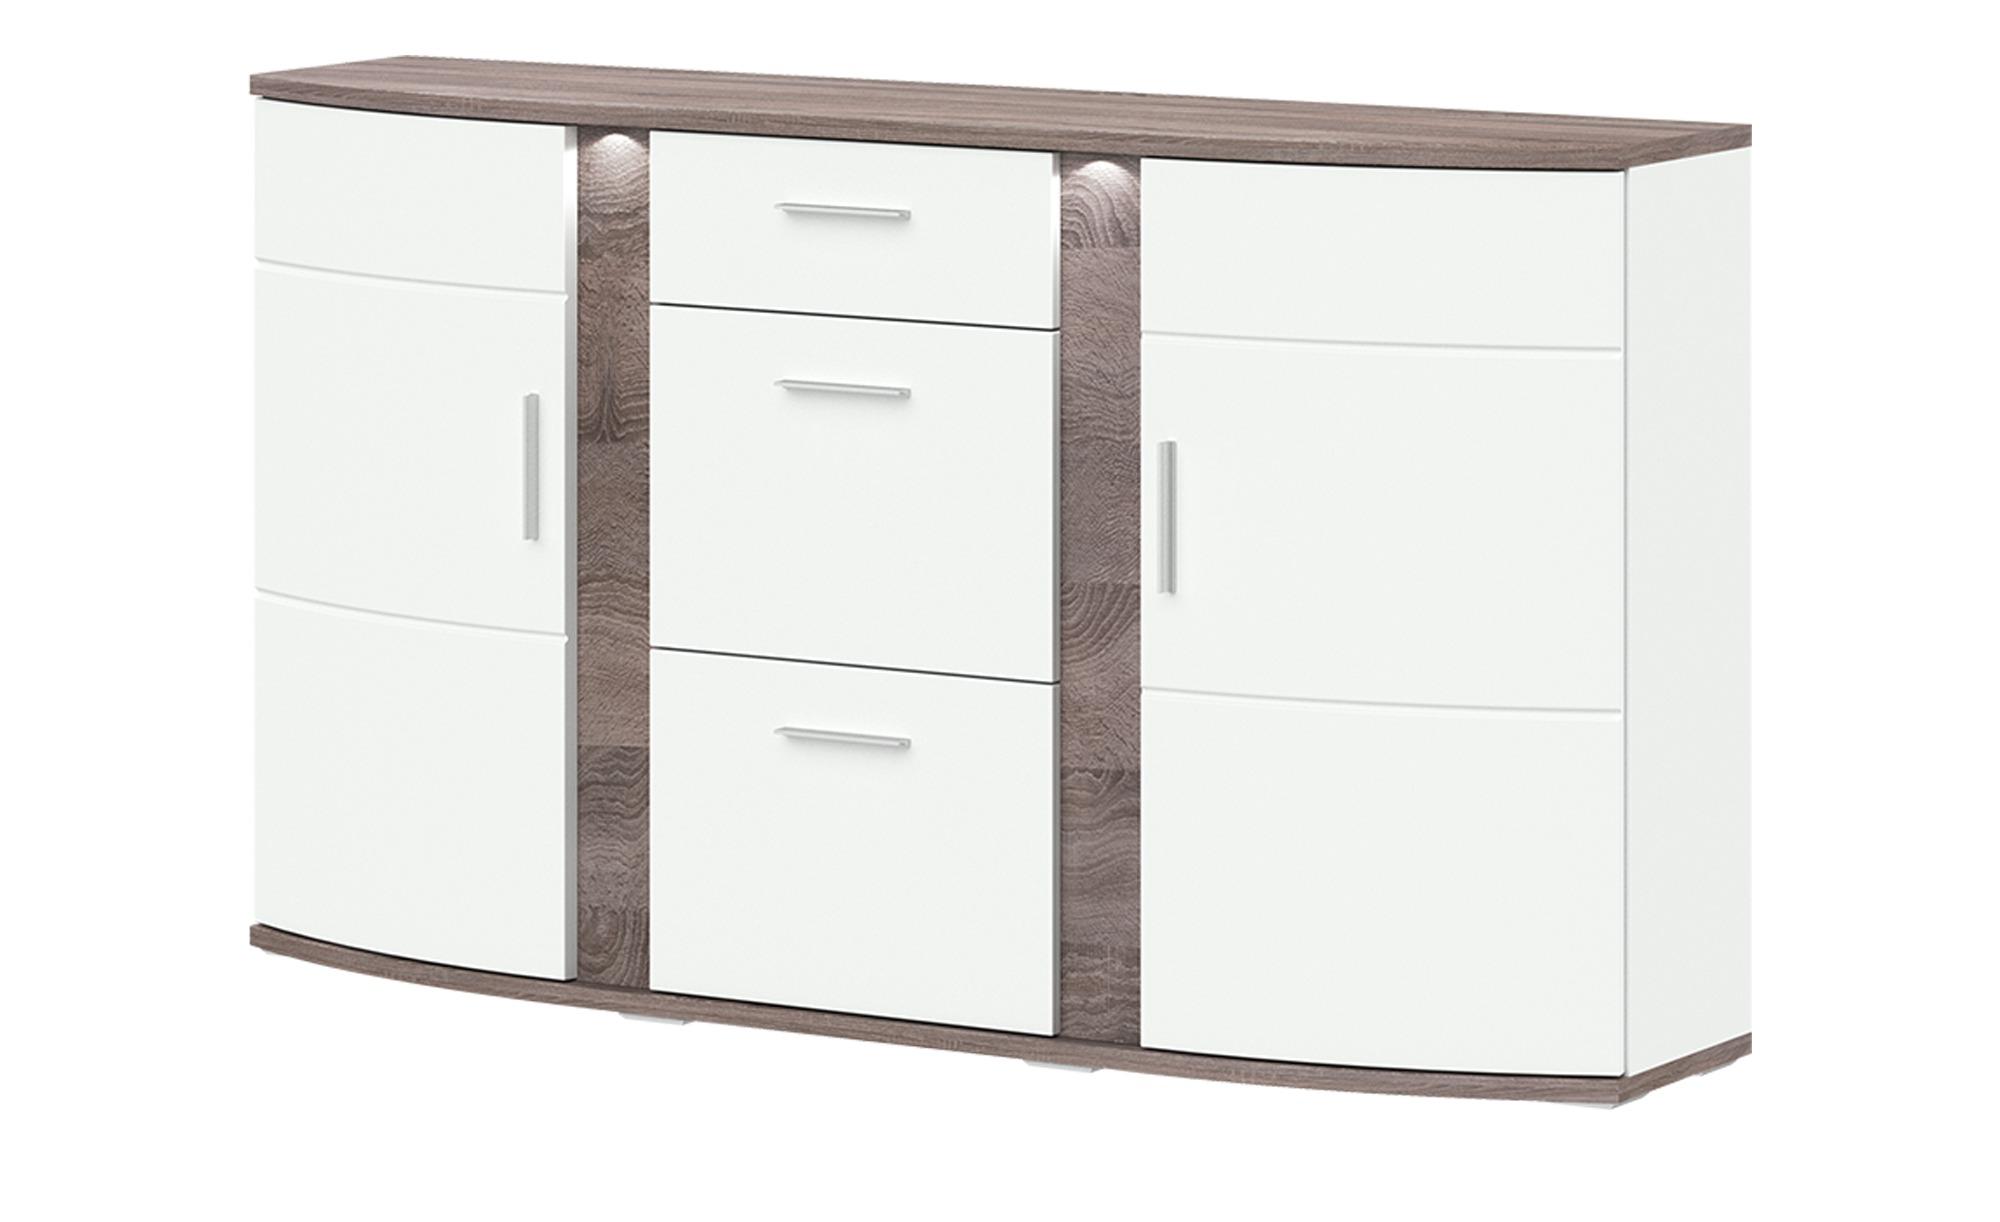 uno sideboard gabbro breite 164 cm h he 94 cm wei online kaufen bei woonio. Black Bedroom Furniture Sets. Home Design Ideas